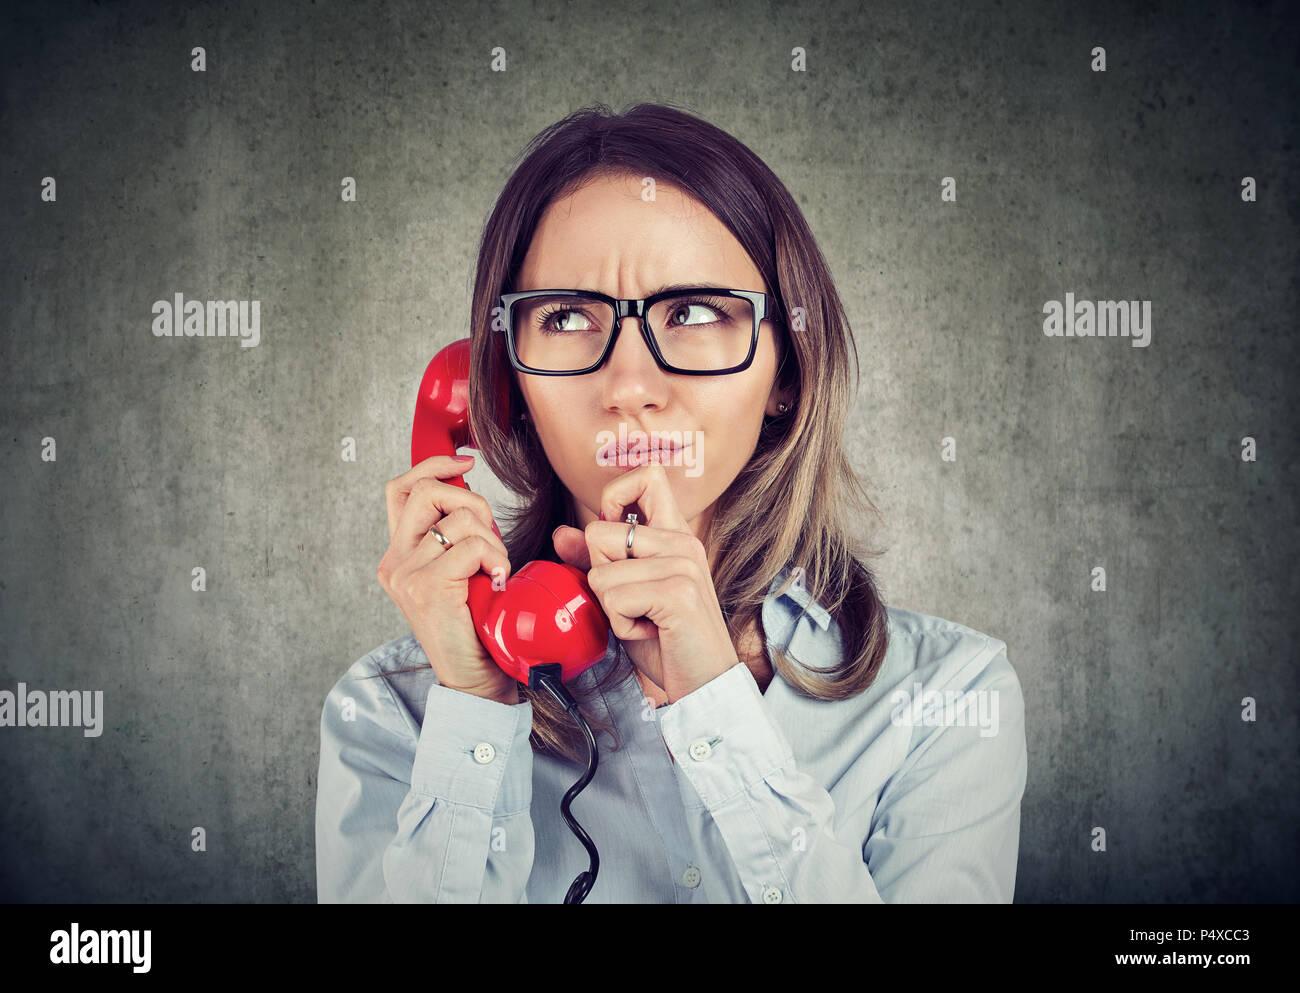 Giovane donna in maglietta e occhiali aventi chiamata sul telefono e accigliato con la confusione che si è interessato ai problemi Immagini Stock